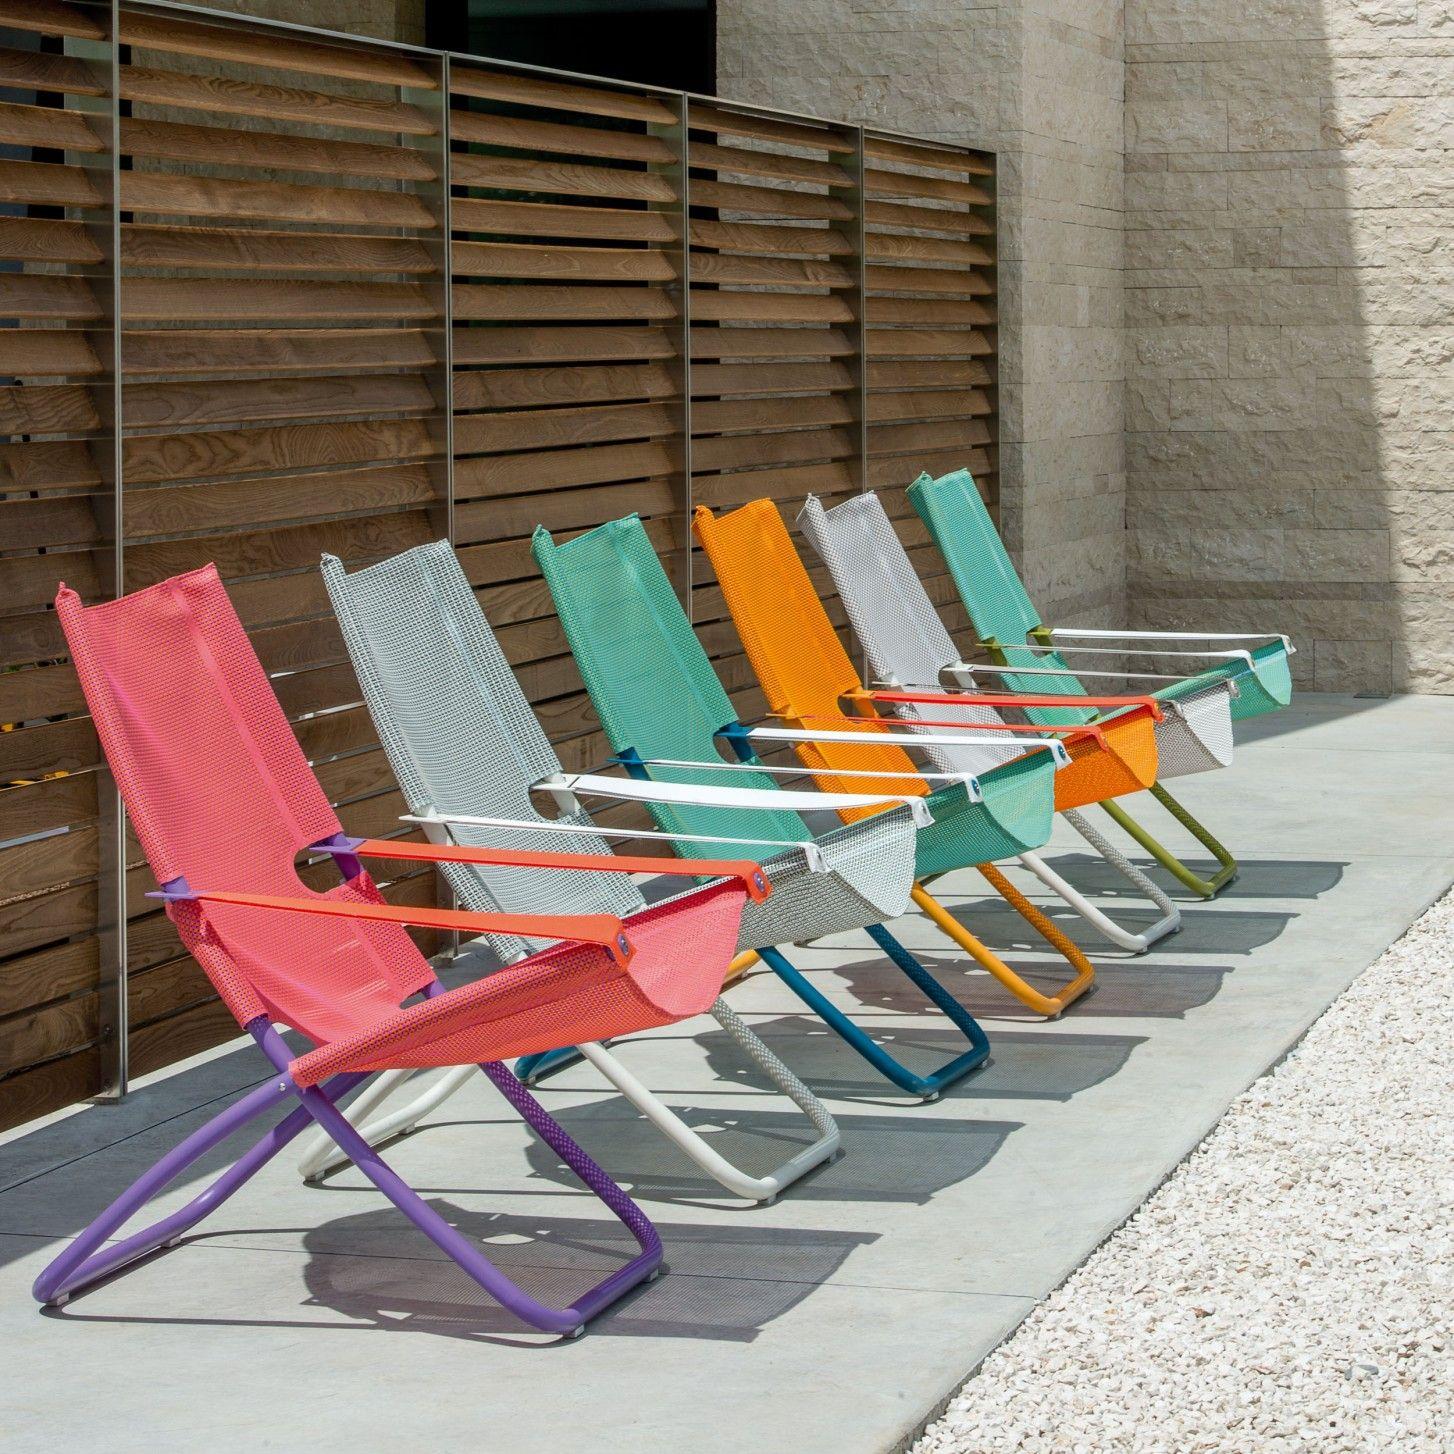 snooze liegestuhl von emu bei ikarus design gartenm bel. Black Bedroom Furniture Sets. Home Design Ideas